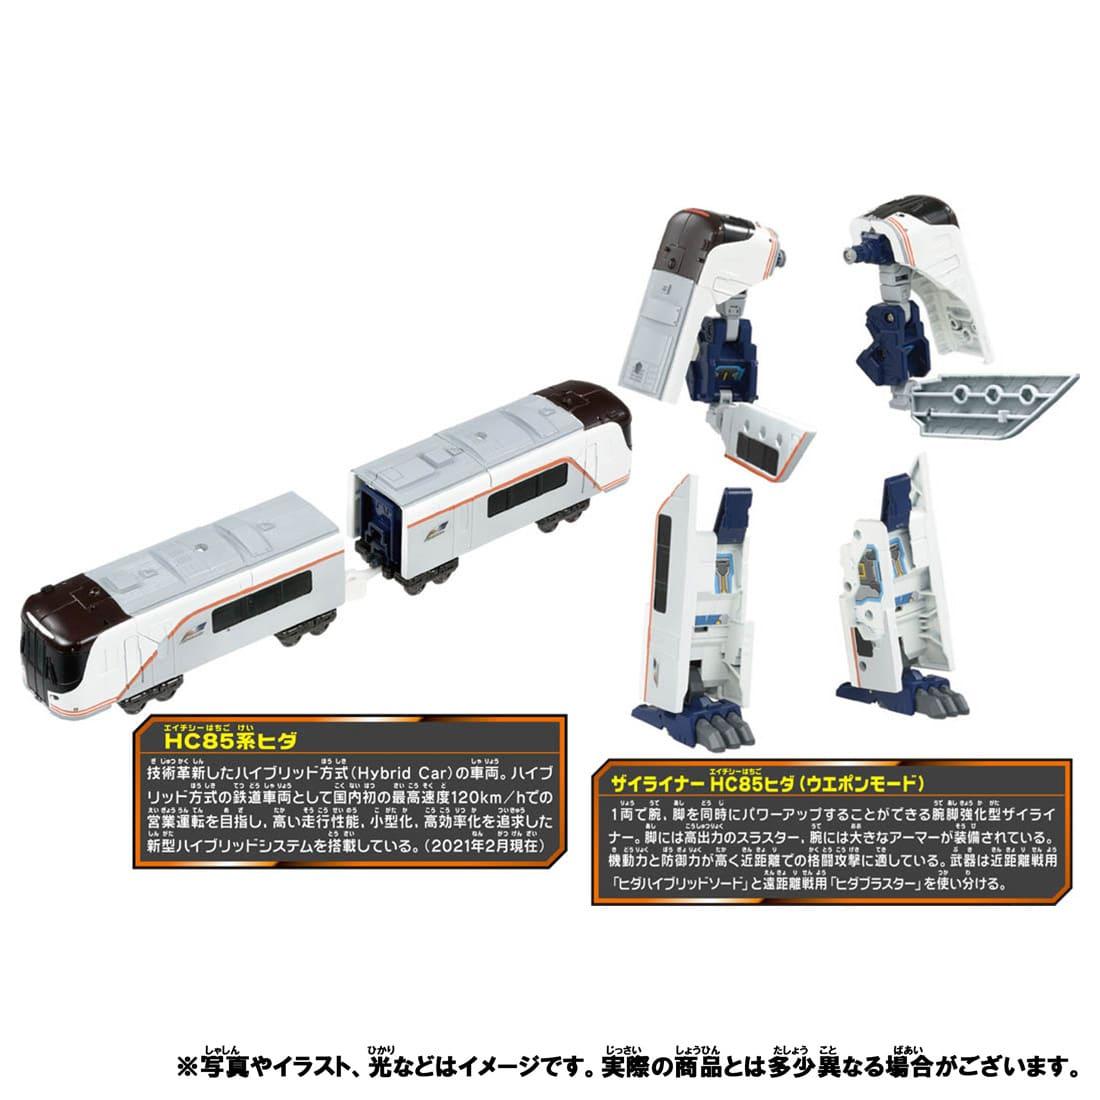 新幹線変形ロボ シンカリオンZ『シンカリオンZ N700Sヒダ』可変合体プラレール-006